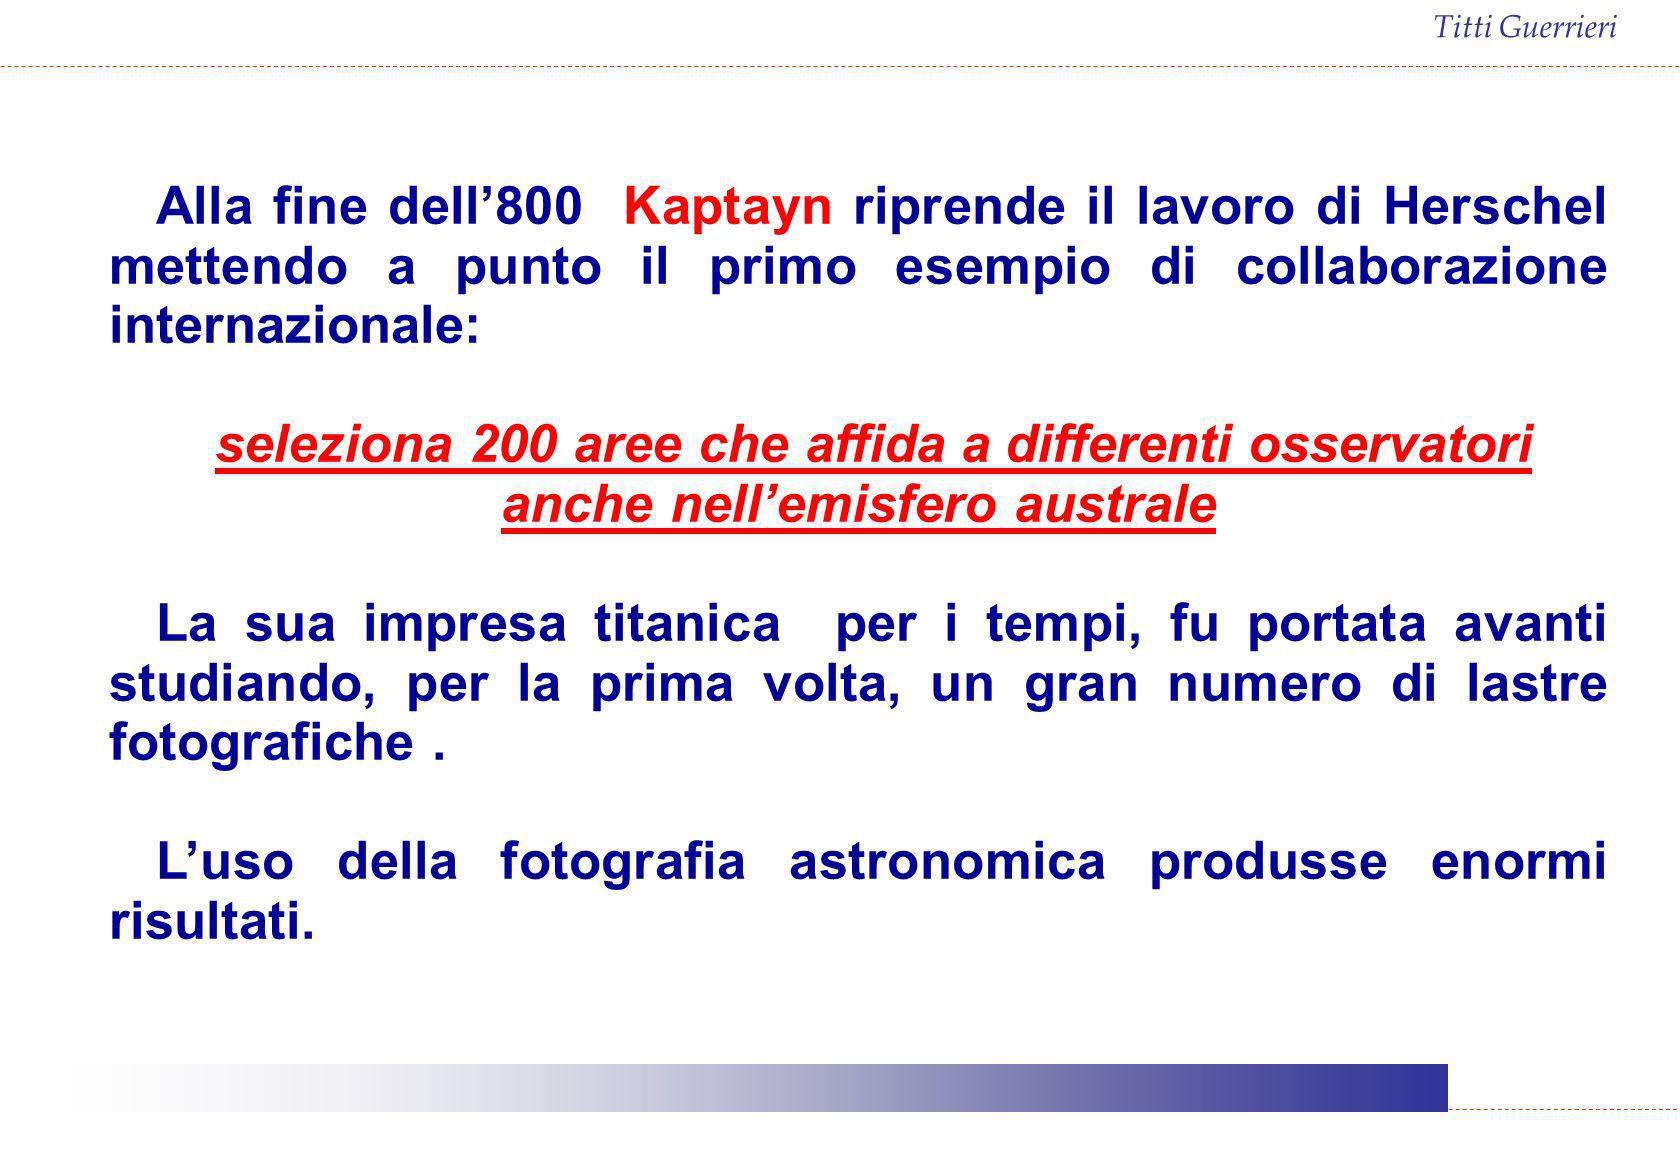 Titti Guerrieri Alla fine dell800 Kaptayn riprende il lavoro di Herschel mettendo a punto il primo esempio di collaborazione internazionale: seleziona